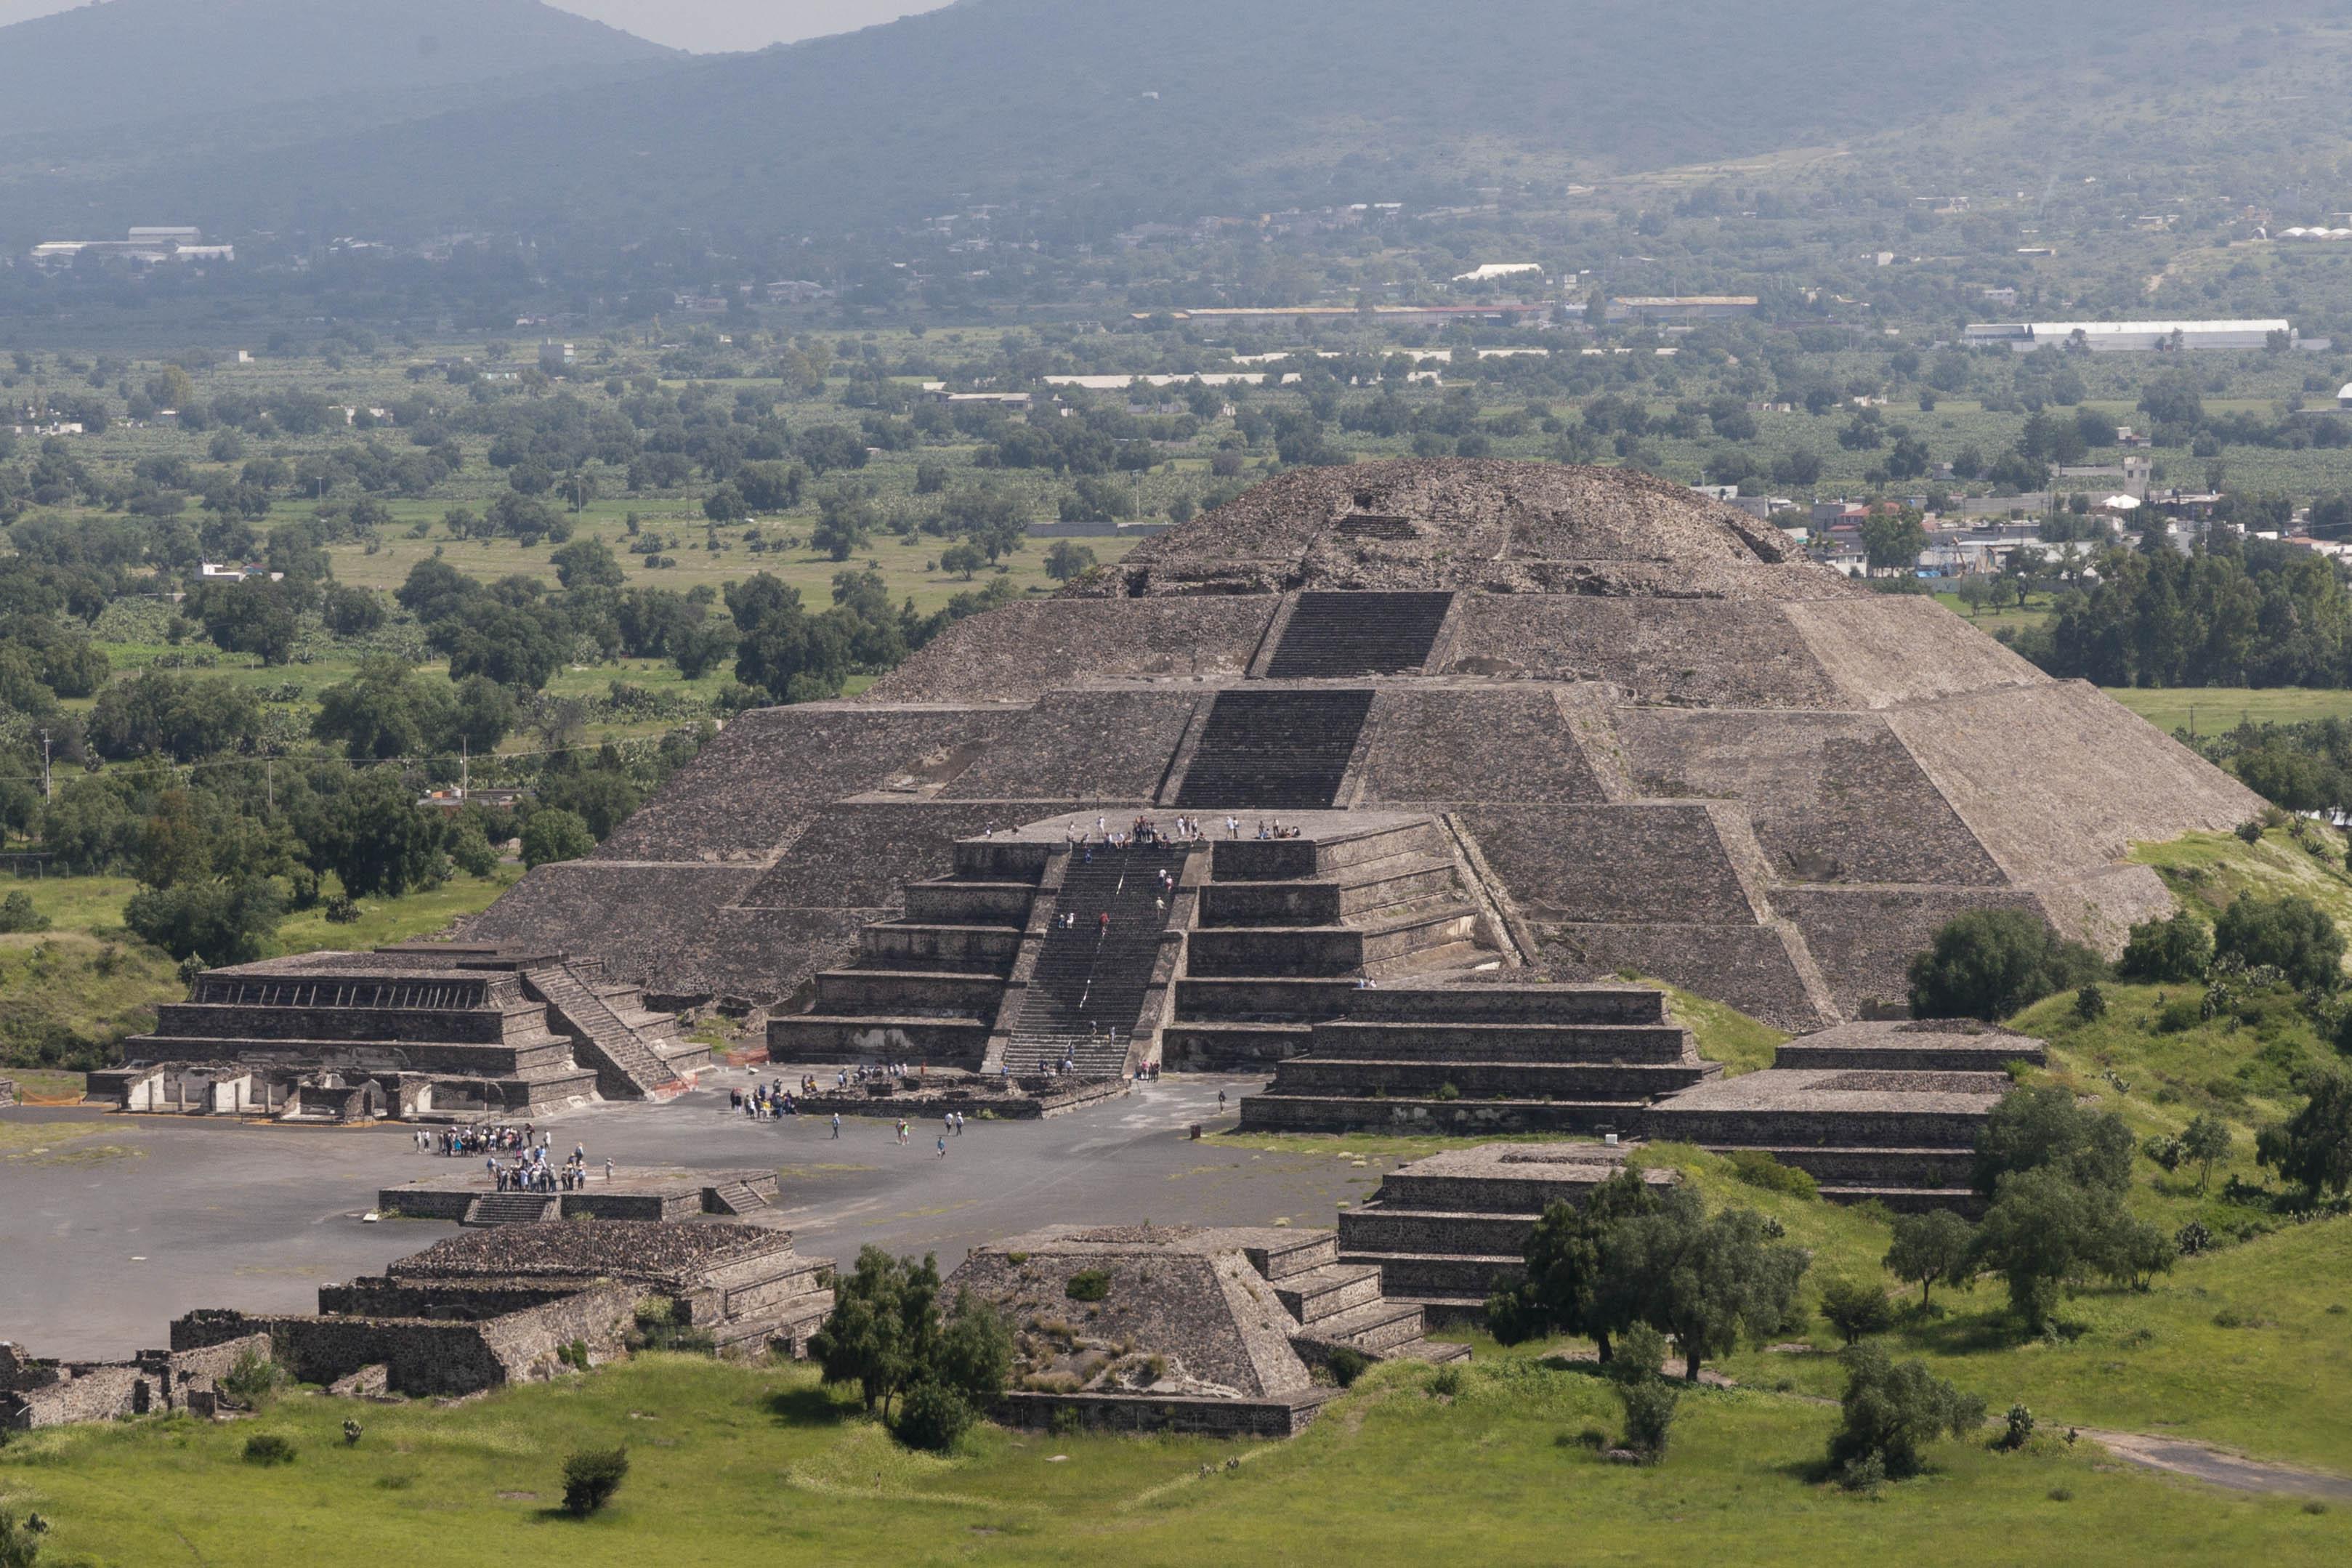 """Теотиуакан е археологически обект в Мексико, който е разположен на 48 км североизточно от днешната столица град Мексико. В най-точен превод от науатл, името на града се произнася с ударение върху уа (Теотиуа́кан) и ще рече """"Където боговете са сътворени"""" или """"Място на боговете"""". В предколониално Мексико той е представлявал многолюден град, културно-икономически и култово-религиозен център. Основан е около I век пр.н.е. от неизвестни индиански племена. По неизвестни причини градът е напуснат и става необитаем през IX век. 3 века по-късно е """"преоткрит"""" от ацтеките, които използват храмовия комплекс за култови ритуали."""